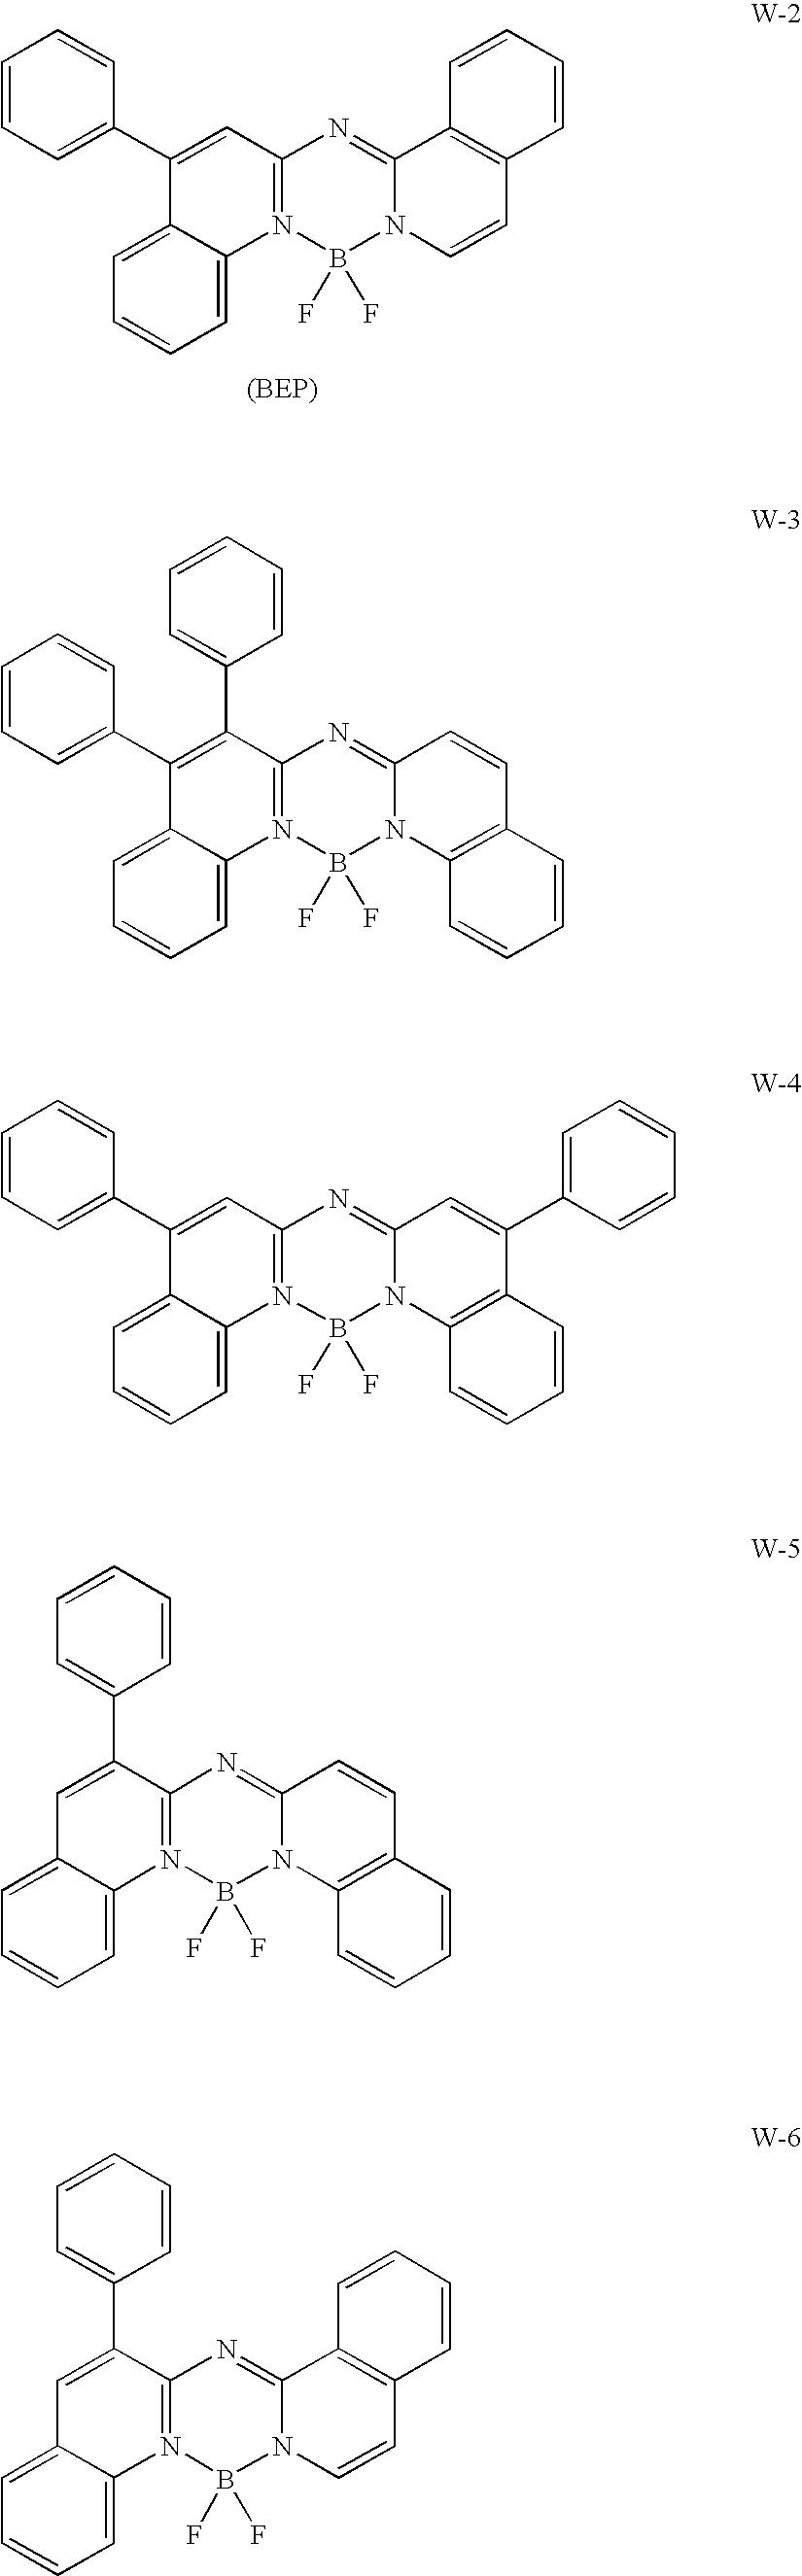 Figure US20070048545A1-20070301-C00048